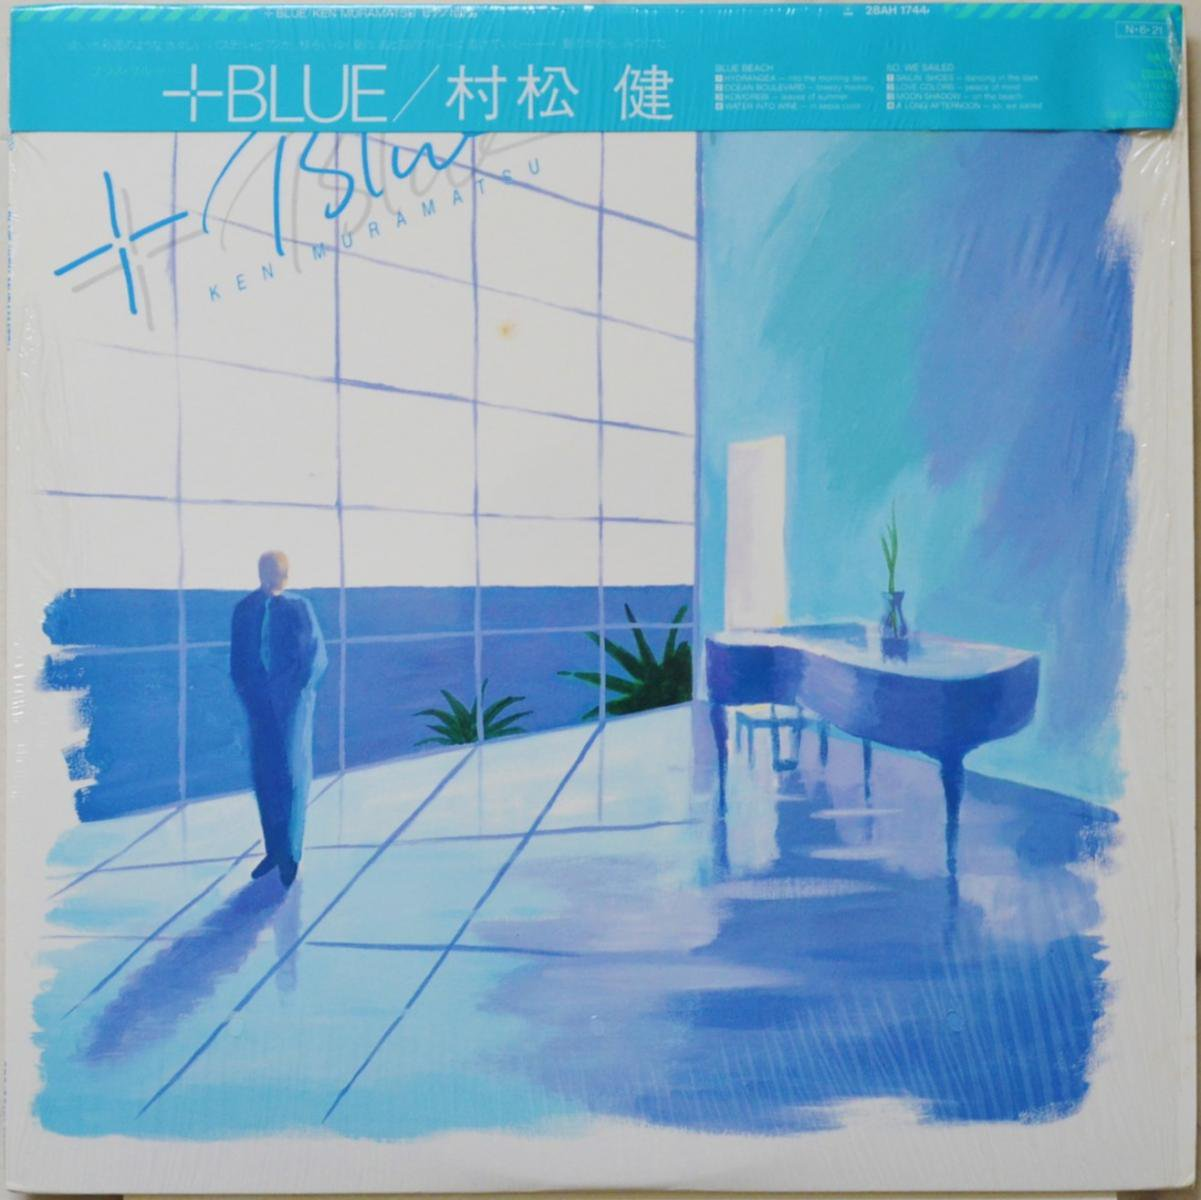 村松健 KEN MURAMATSU / プラス・ブルー / +BLUE (LP)